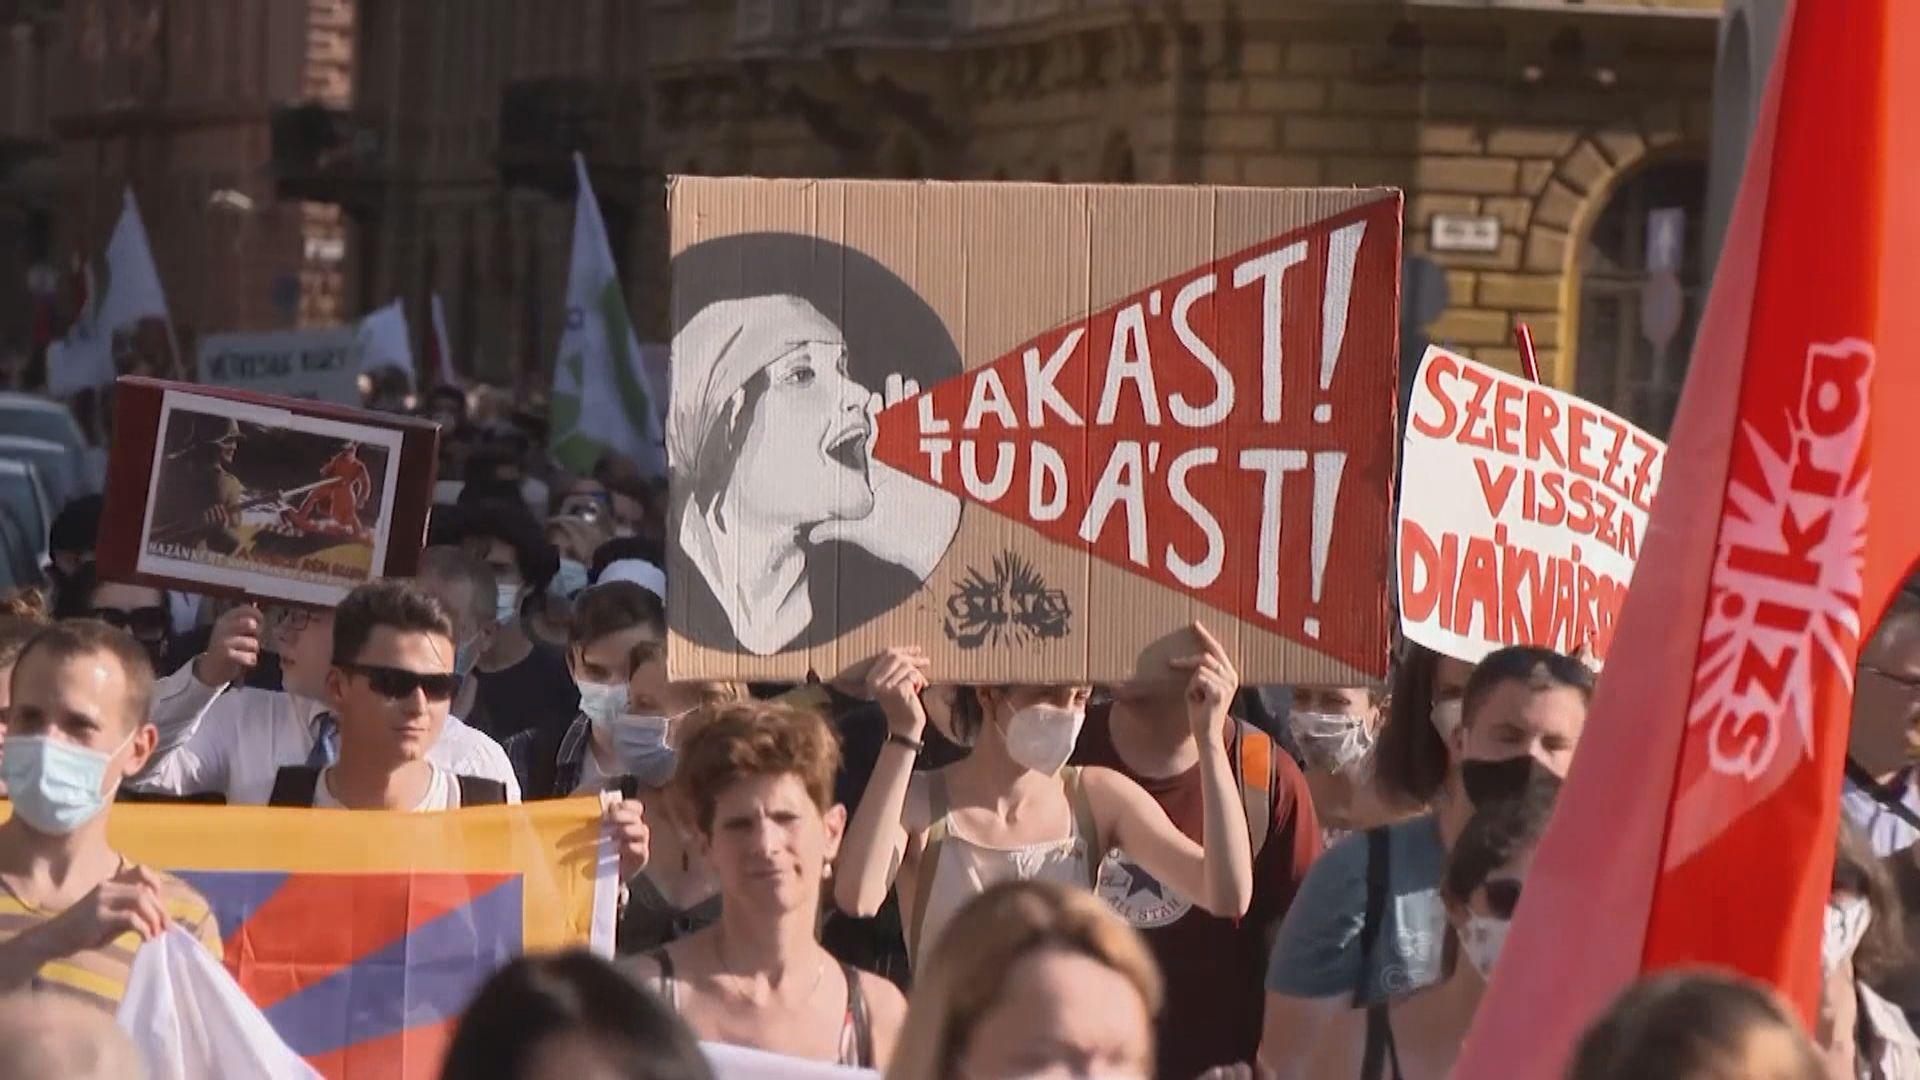 匈牙利民眾抗議設復旦大學分校 北京籲避免將人文交流政治化